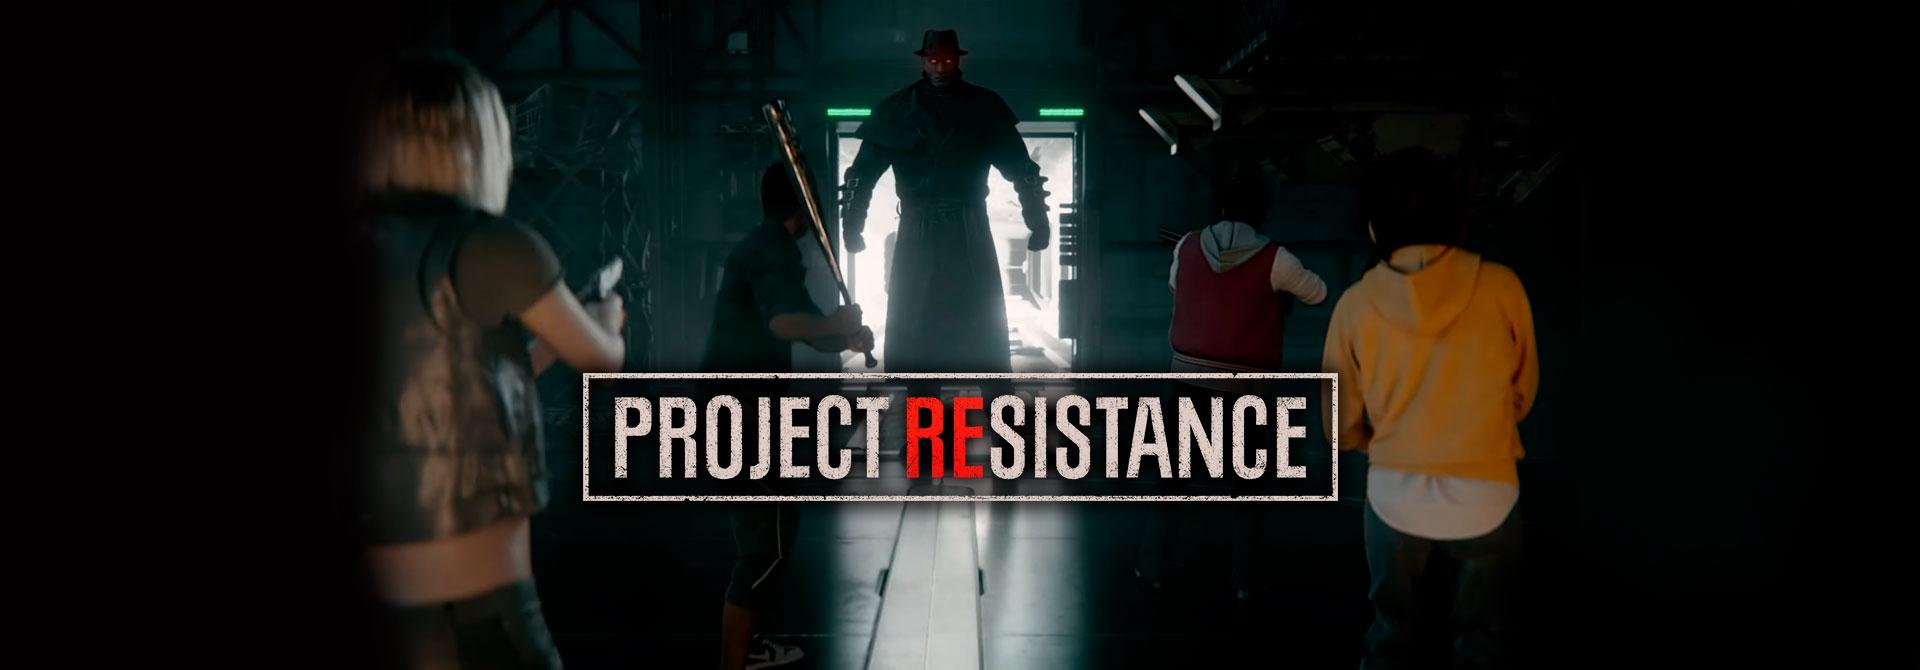 Capcom mostró el primer trailer de Project Resistance, el juego nuevo de Resident Evil